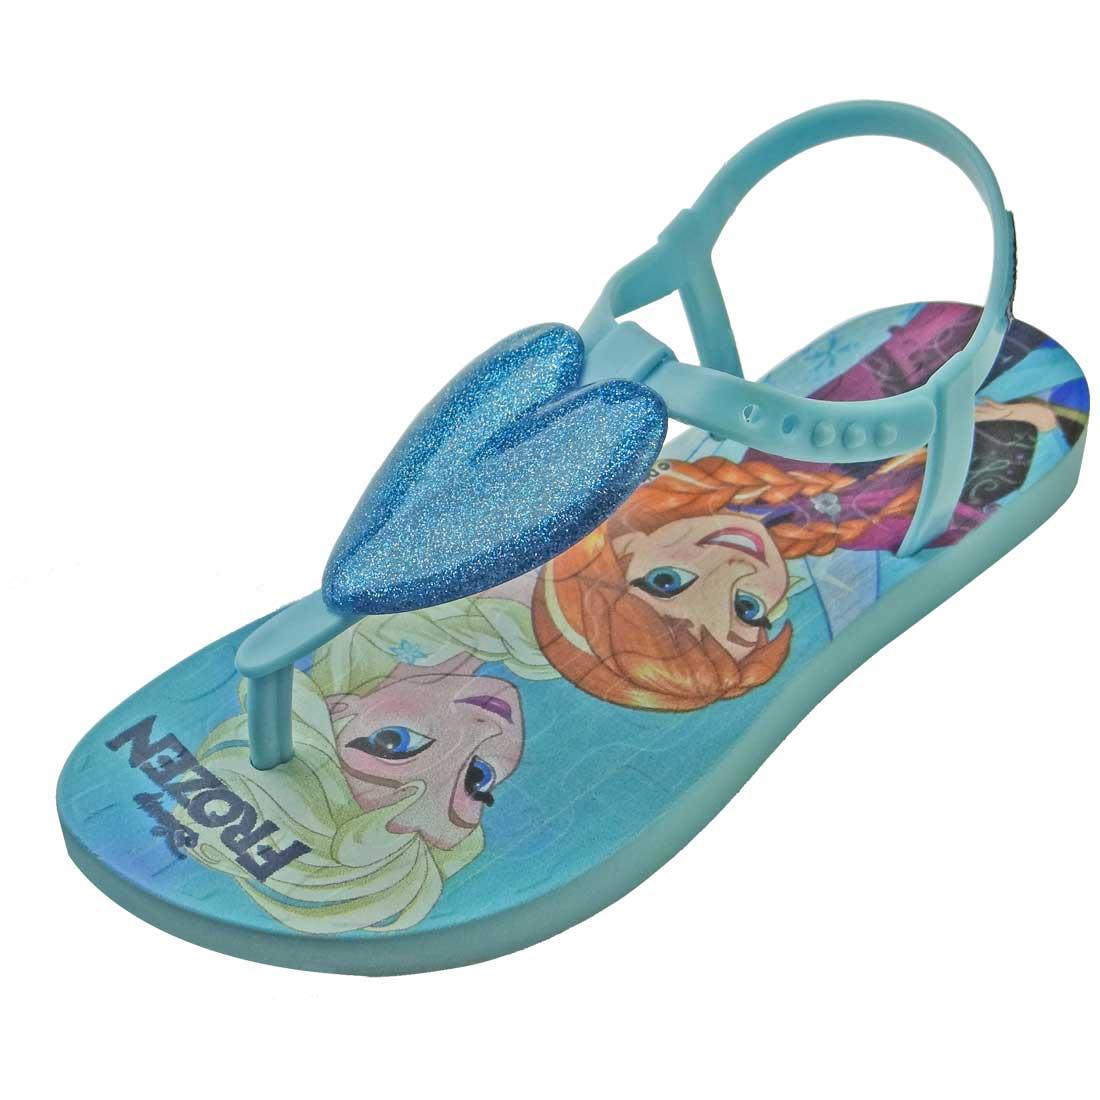 Sandália Ipanema Disney Frozen com Coração - Azul Bebê